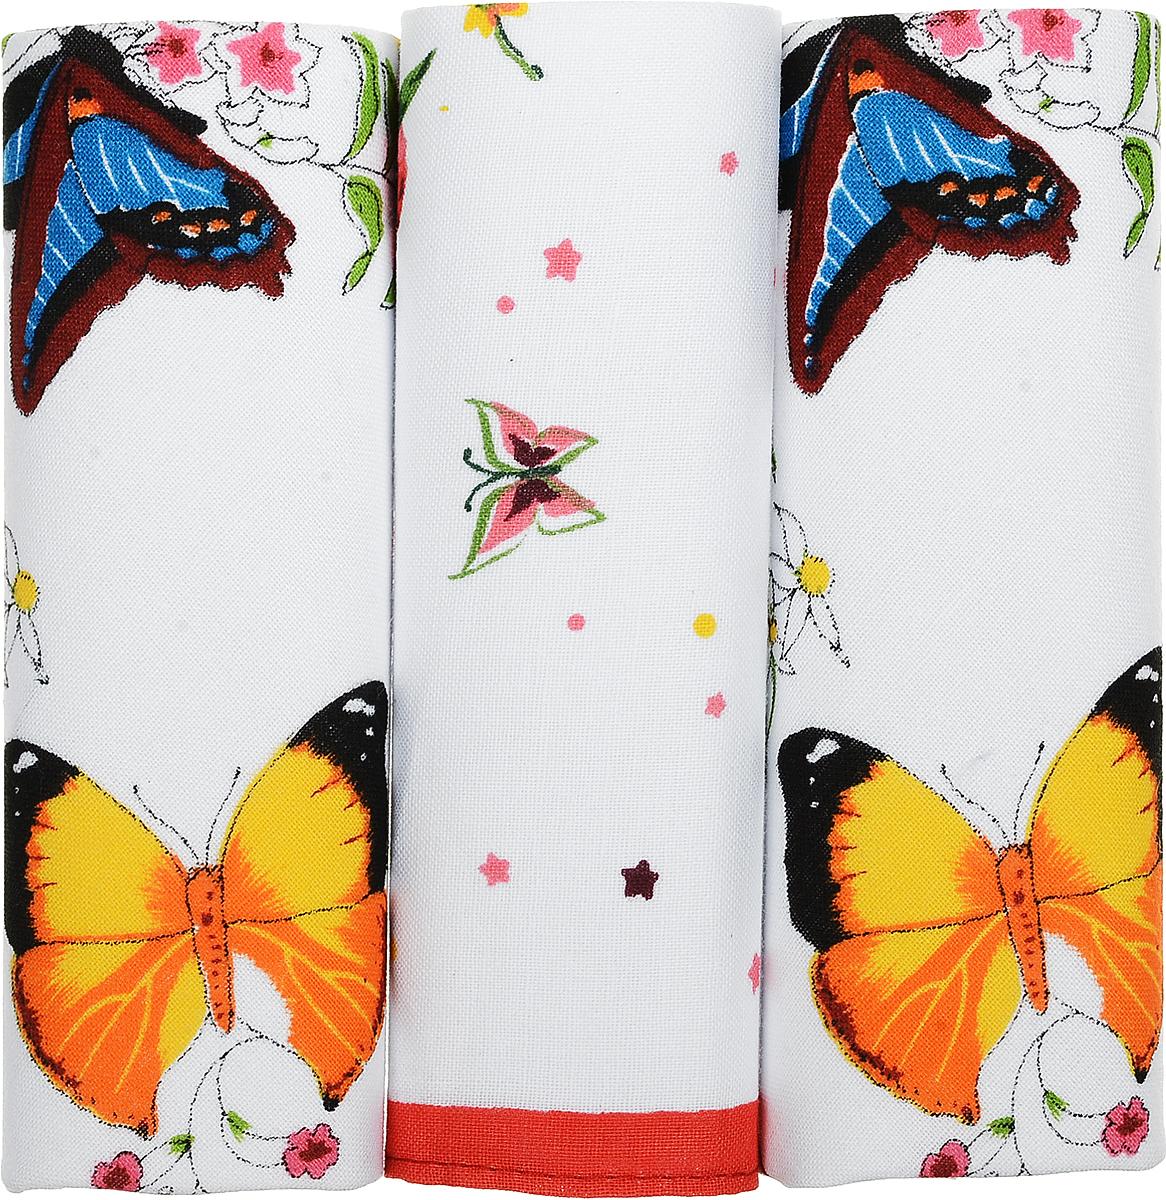 Платок носовой женский Zlata Korunka Бабочки, 3 шт. 71321-11. Размер 34 см х 34 см39864|Серьги с подвескамиПлаток носовой женский Zlata Korunka Бабочки, 3 шт. 71321-11. Размер 34 см х 34 см